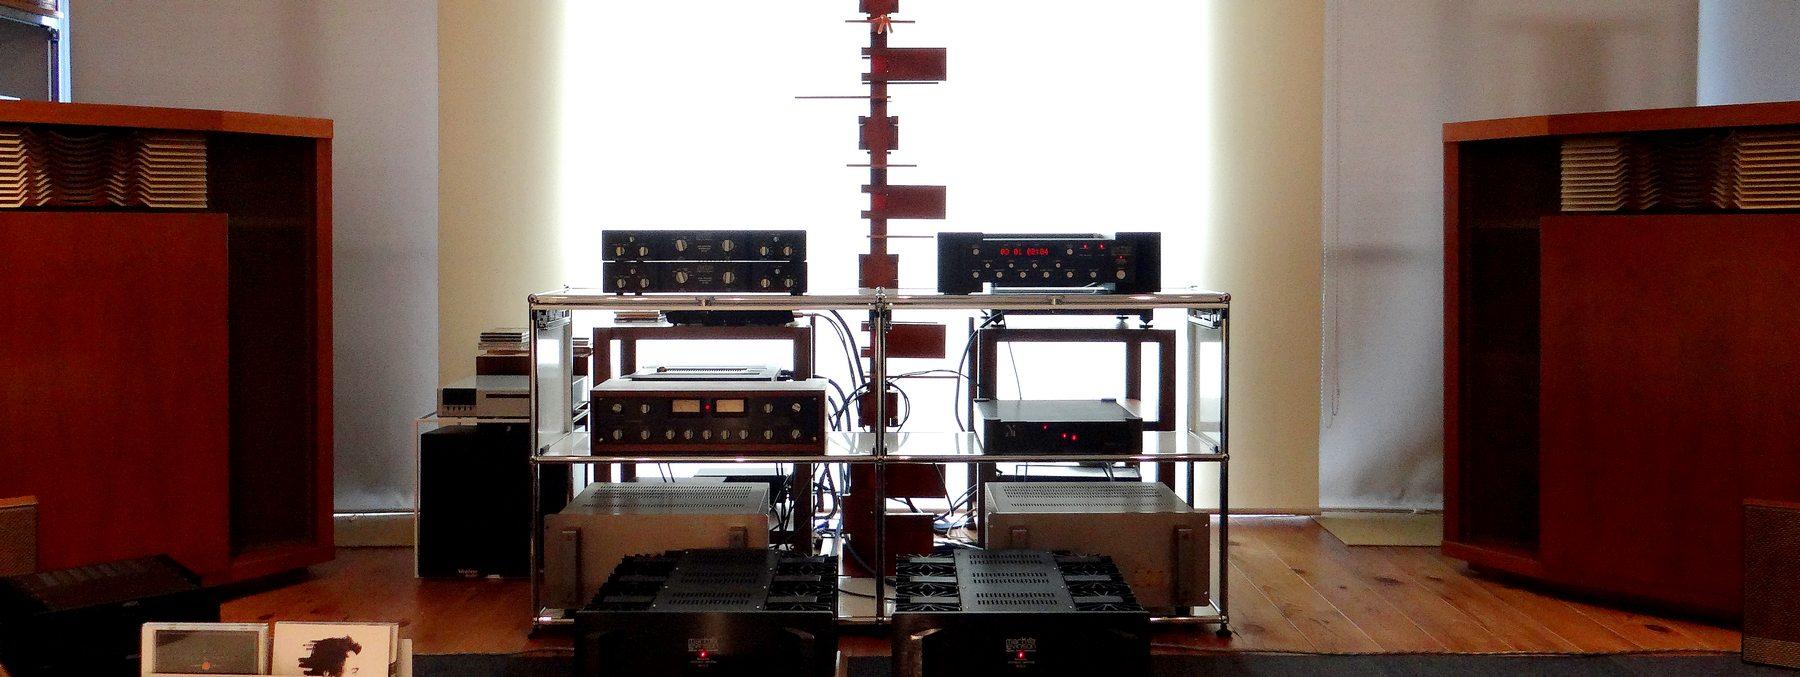 hiend-audio&vintage-audio-used